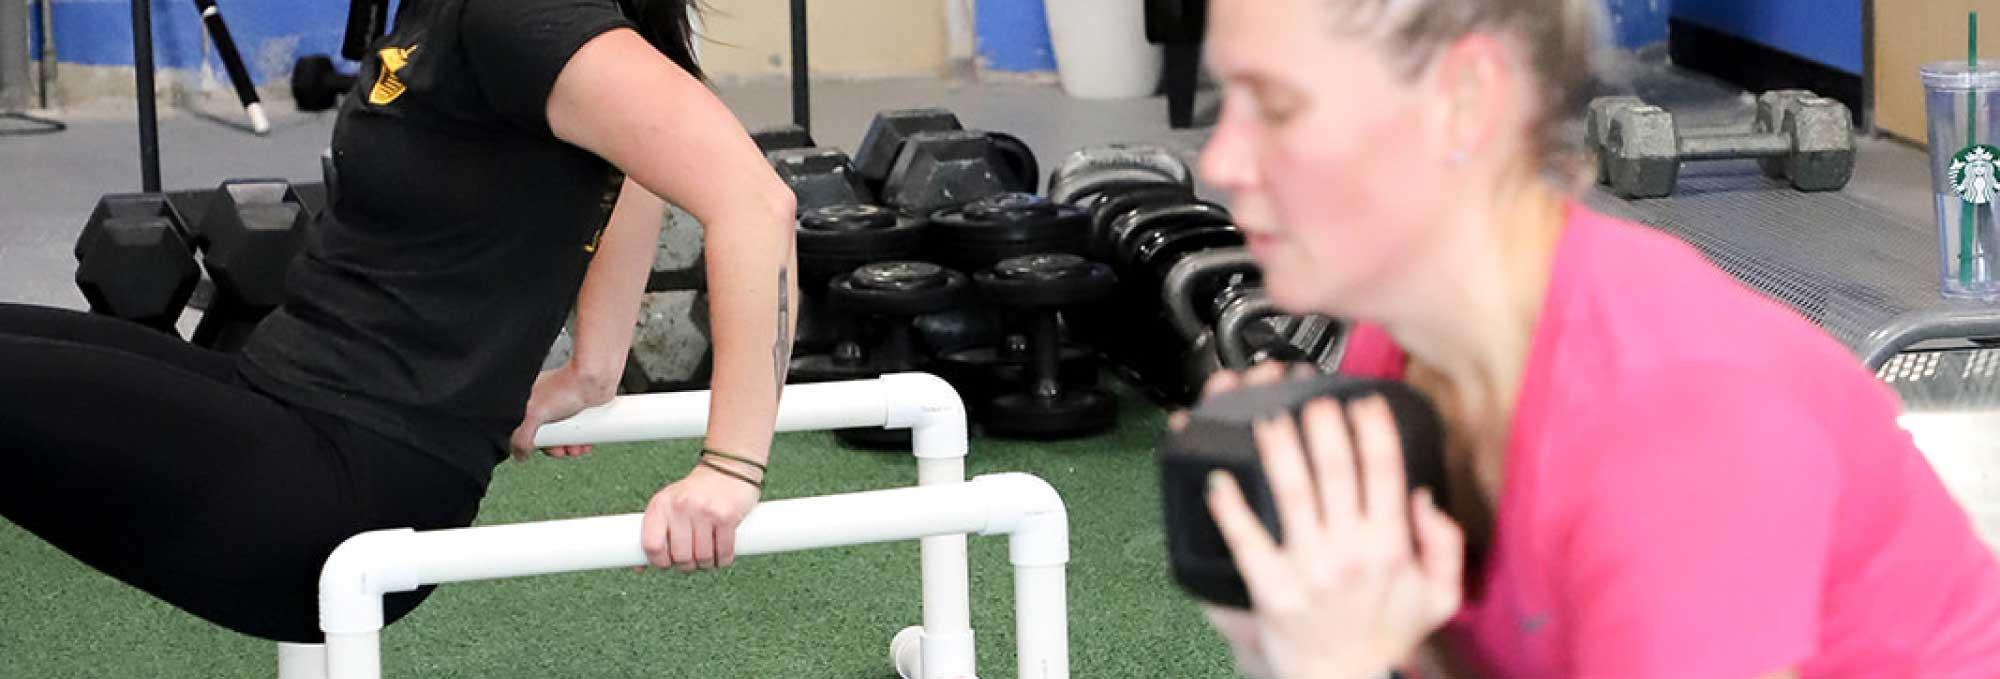 lifting class